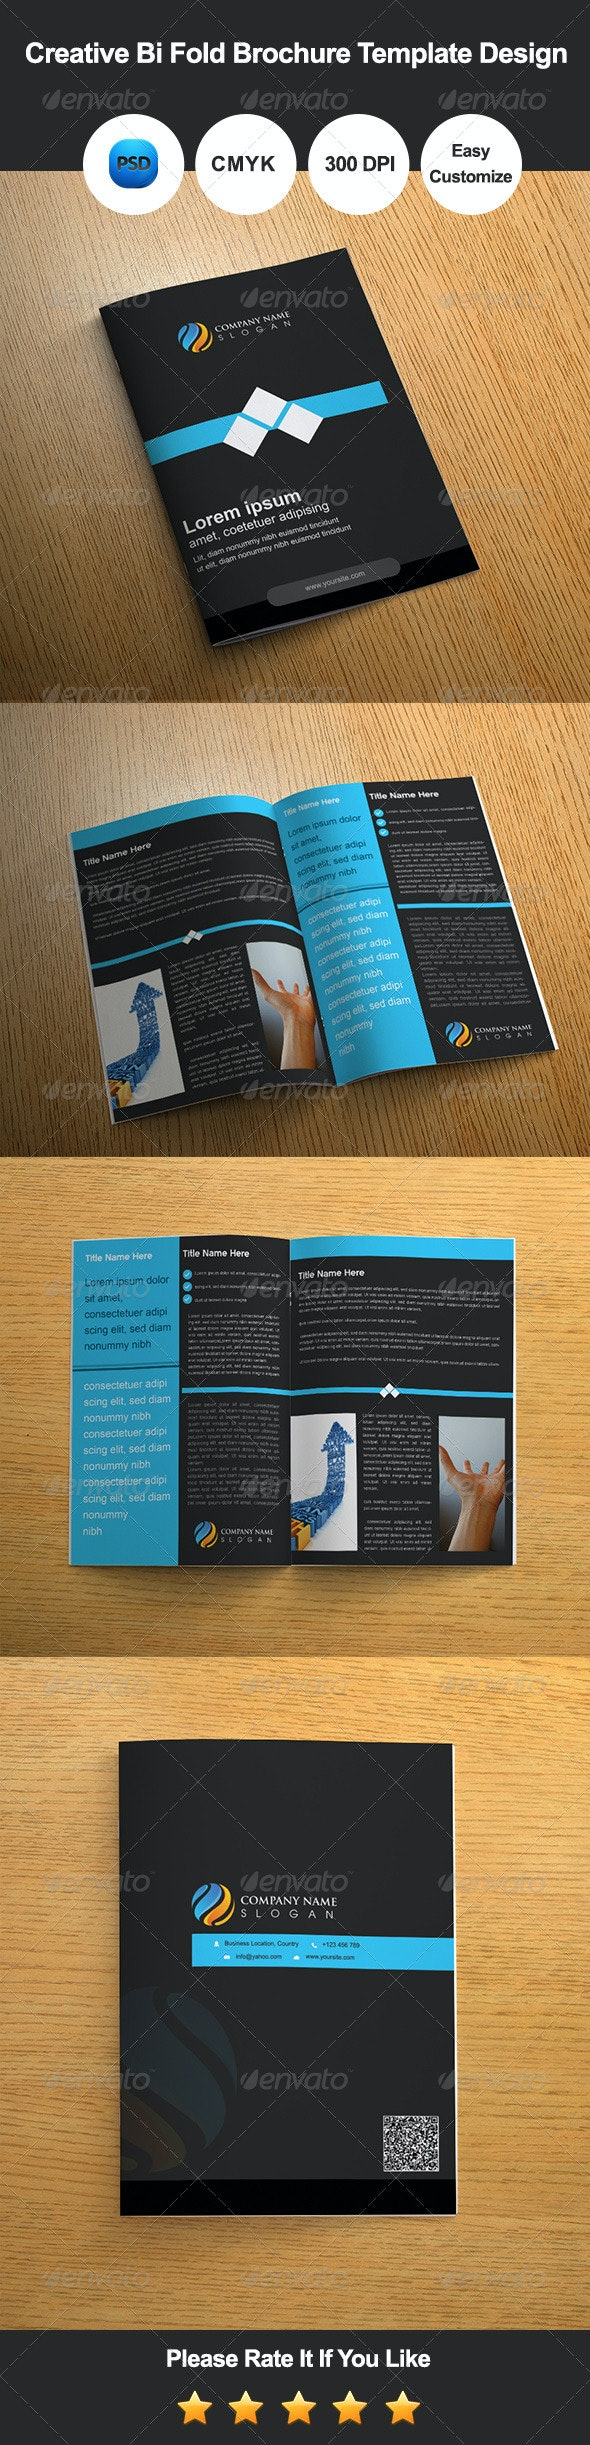 Creative Bi Fold Brochure Template Design - Corporate Brochures